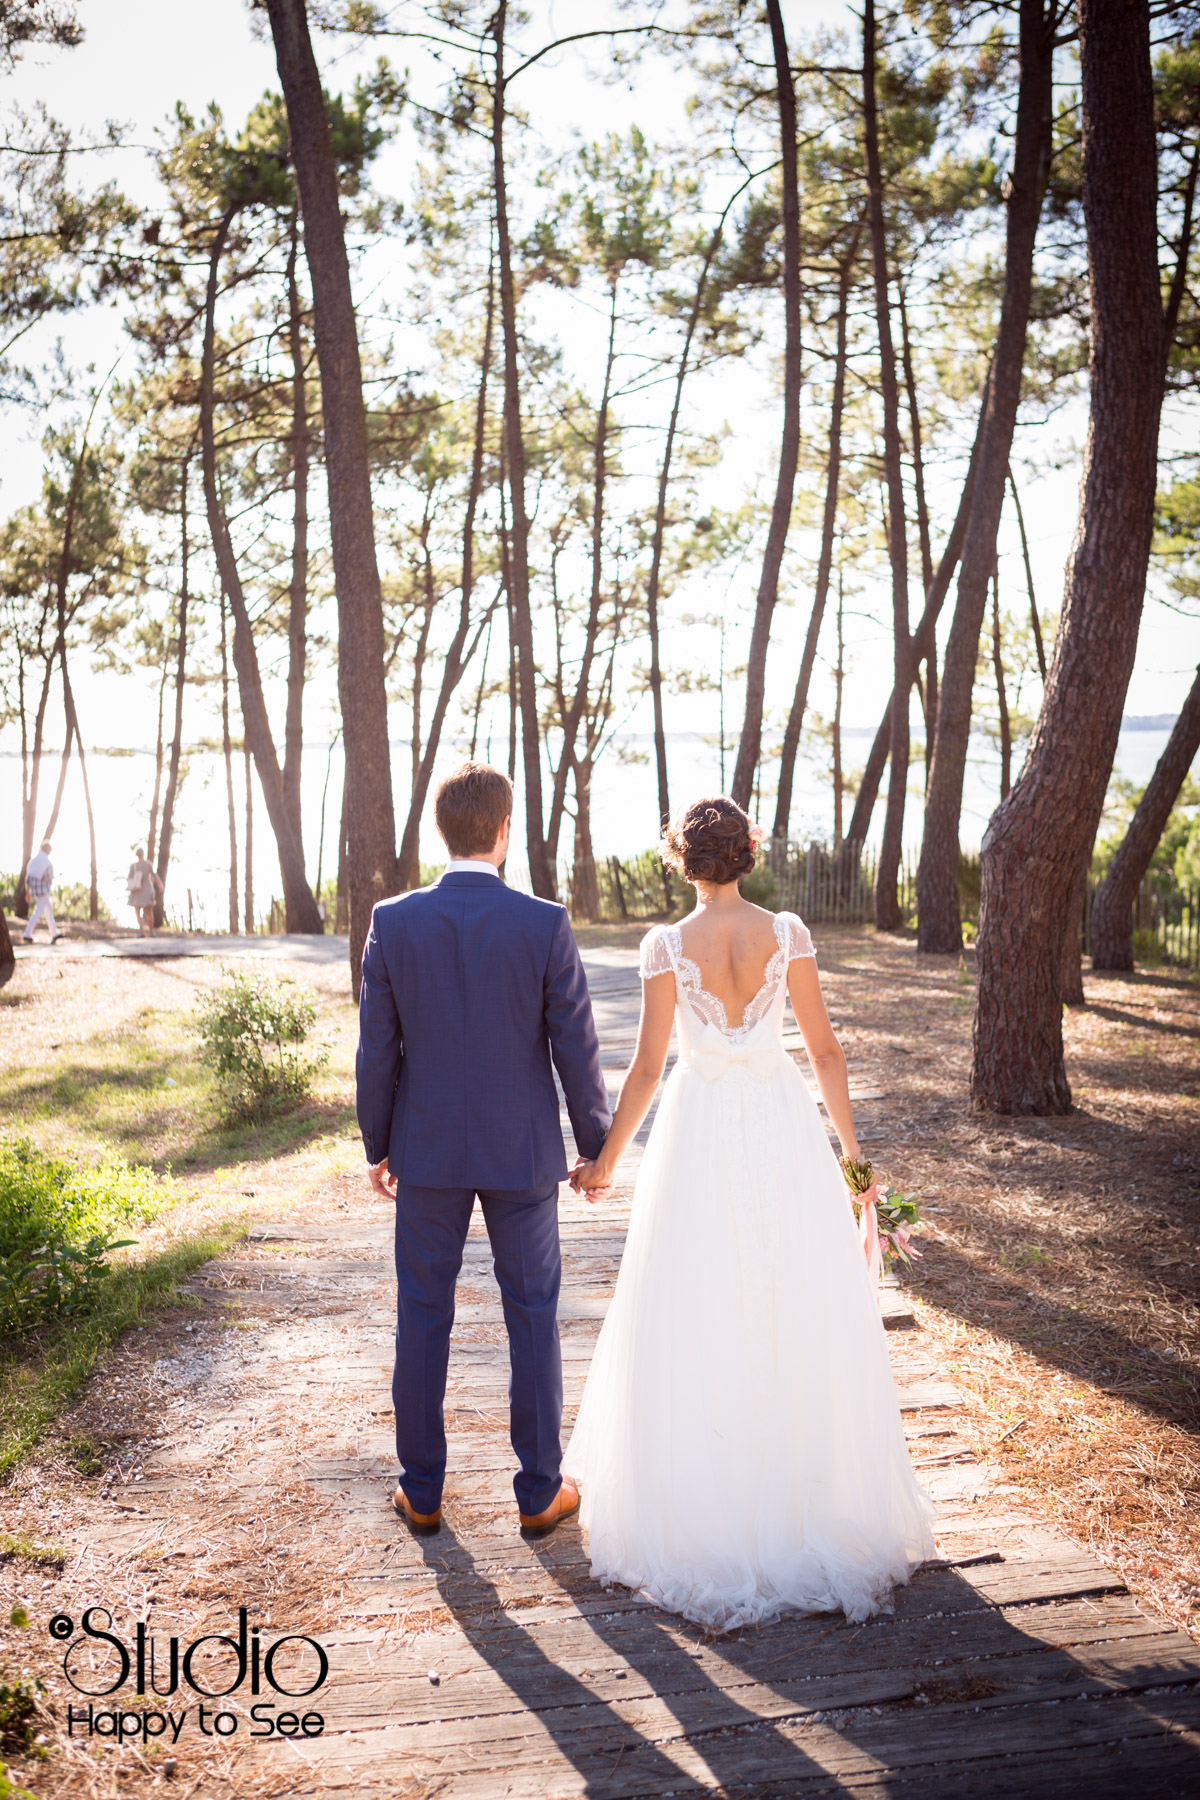 mariage arcachon funky dans une foret de pins